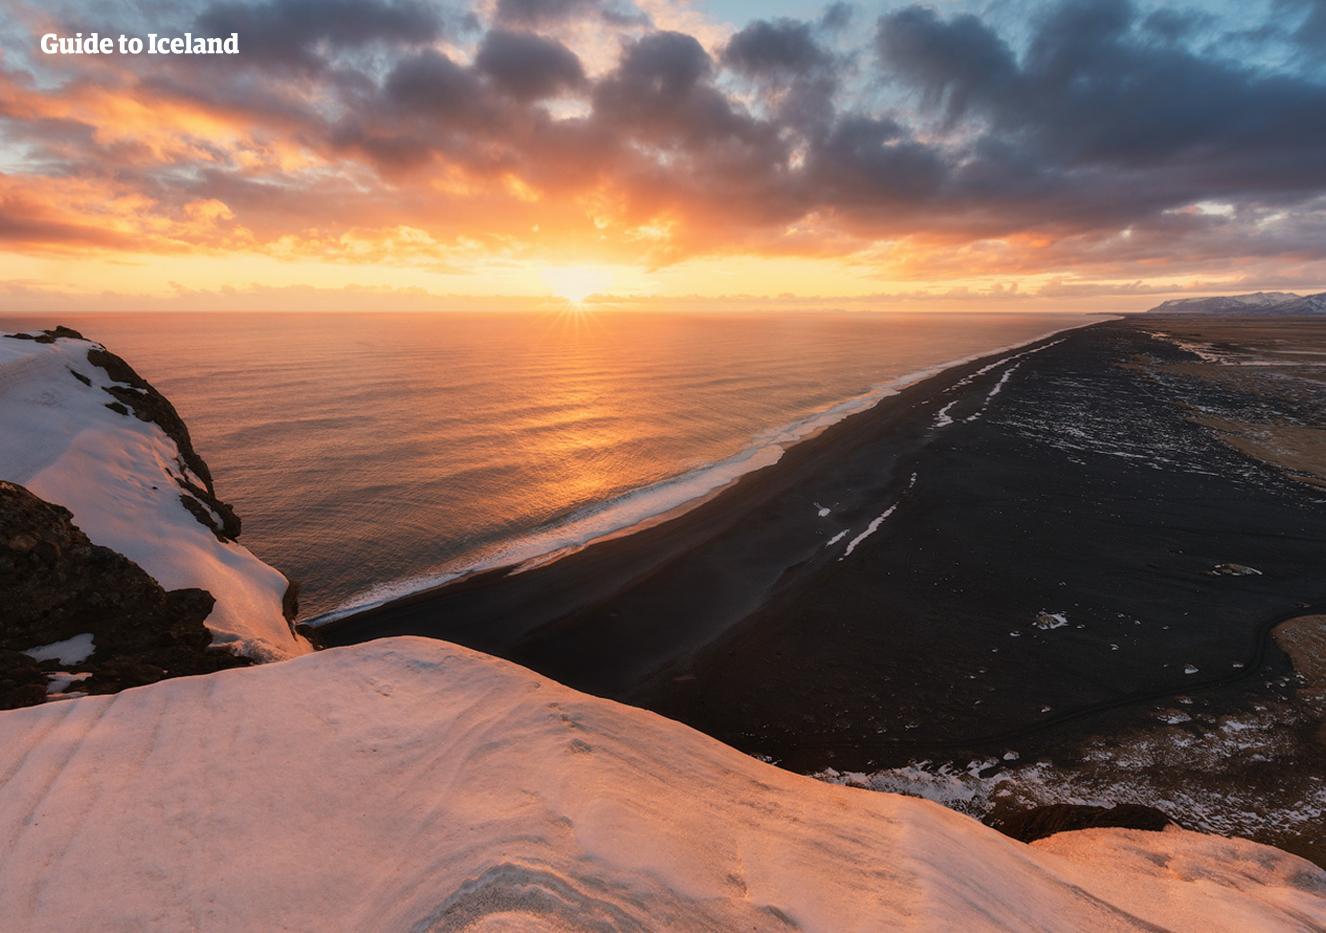 10-дневный зимний автотур | Снайфелльснес, северные сияния и Южное побережье - day 8